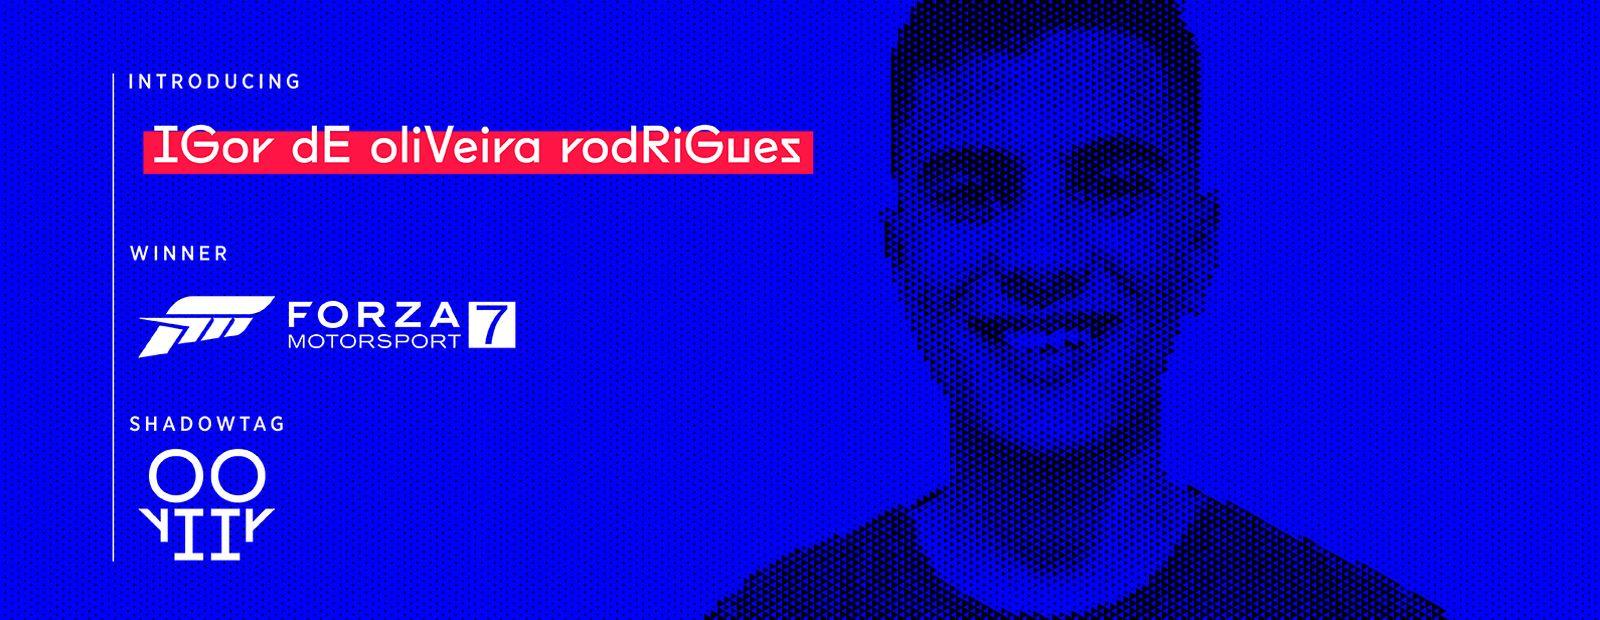 Meet Igor de Oliveira Rodrigues